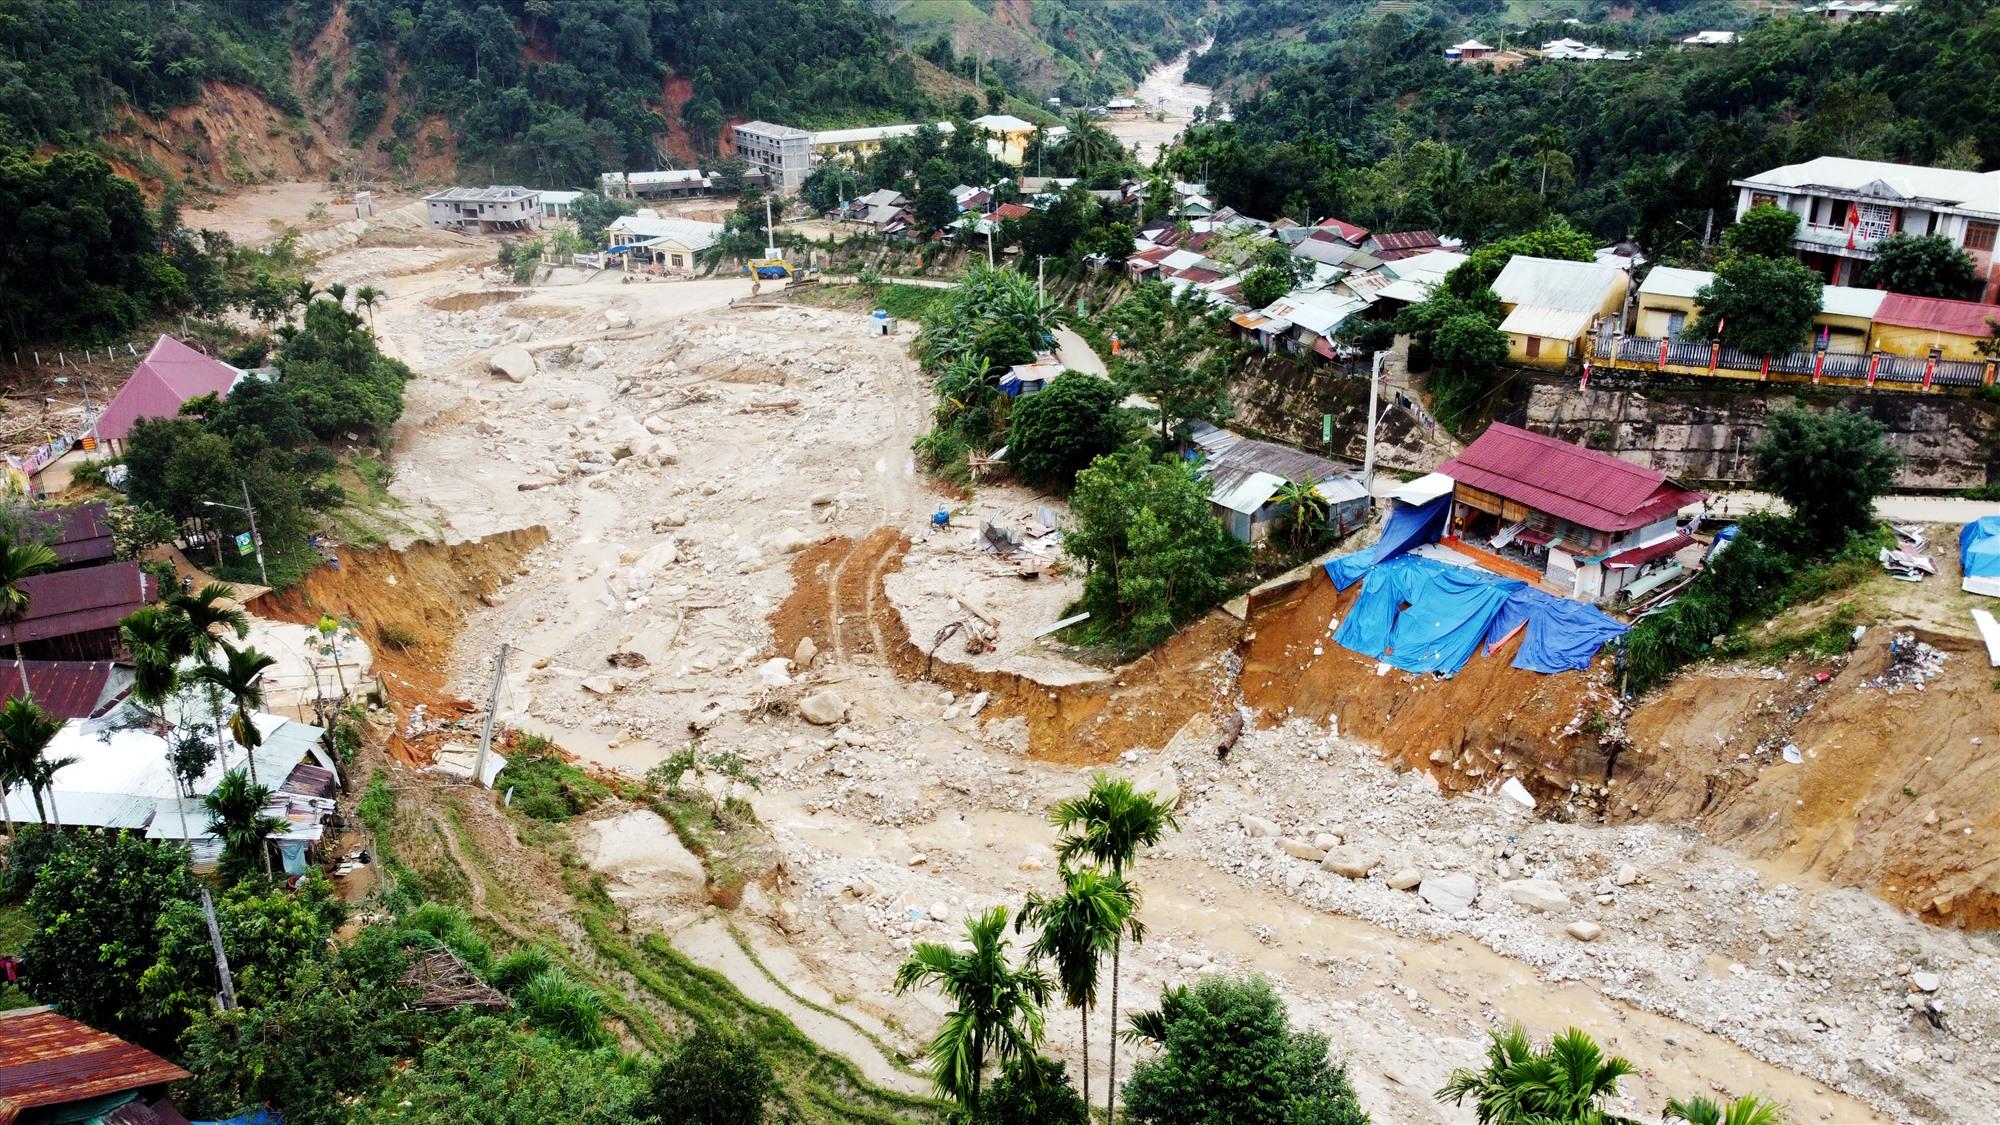 Lũ quét gây thiệt hại nặng ở xã Phước Thành (Phước Sơn) sau bão số 9 năm 2020. Ảnh: T.C